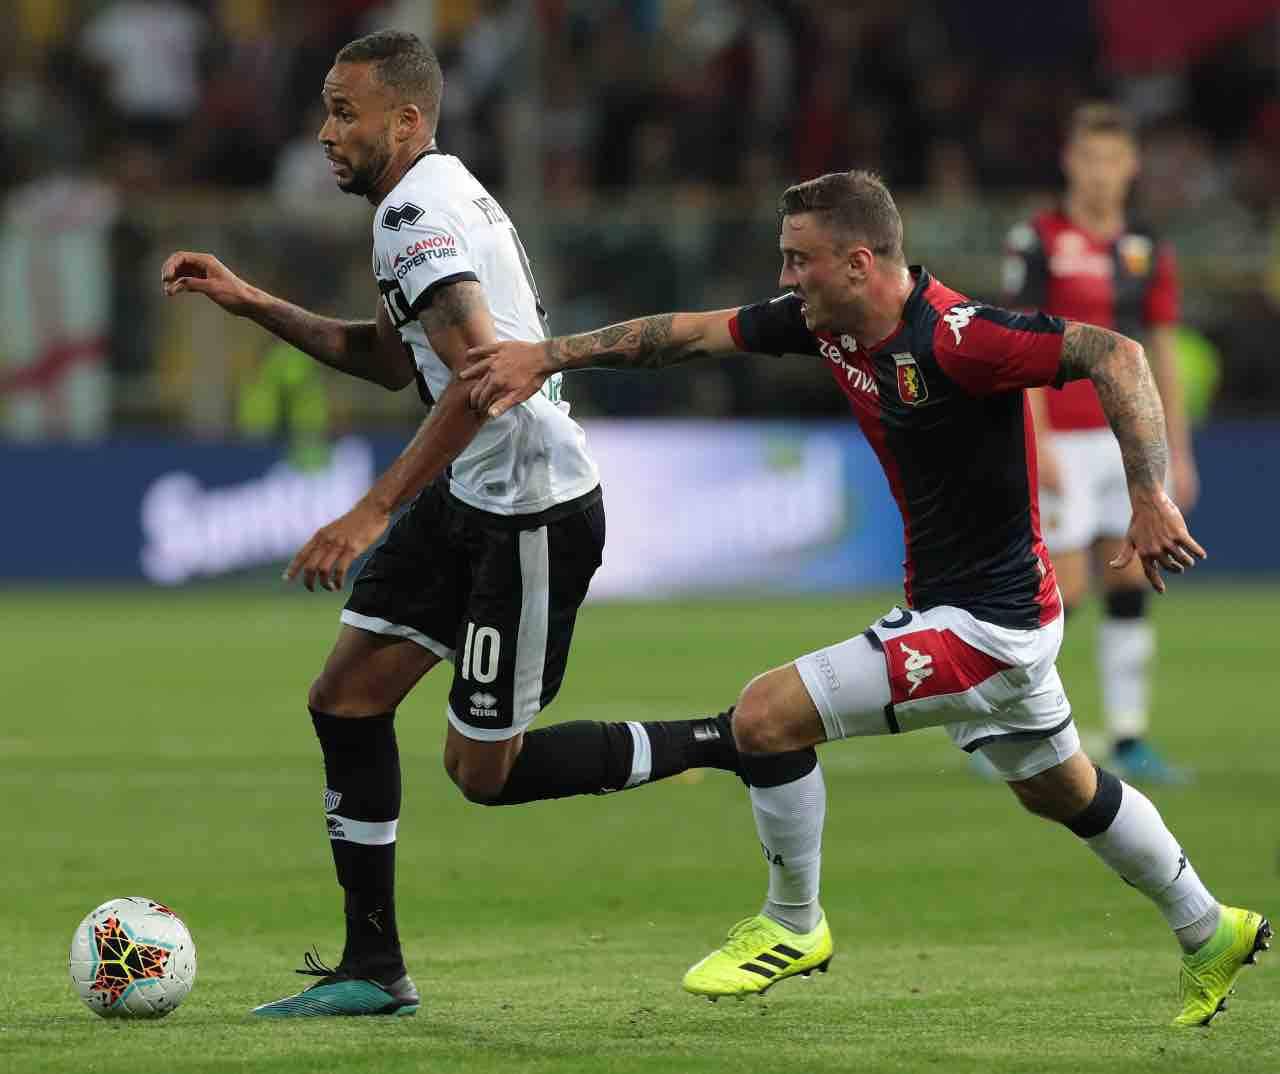 Calciomercato Ascoli Jagiello Genoa Serie B